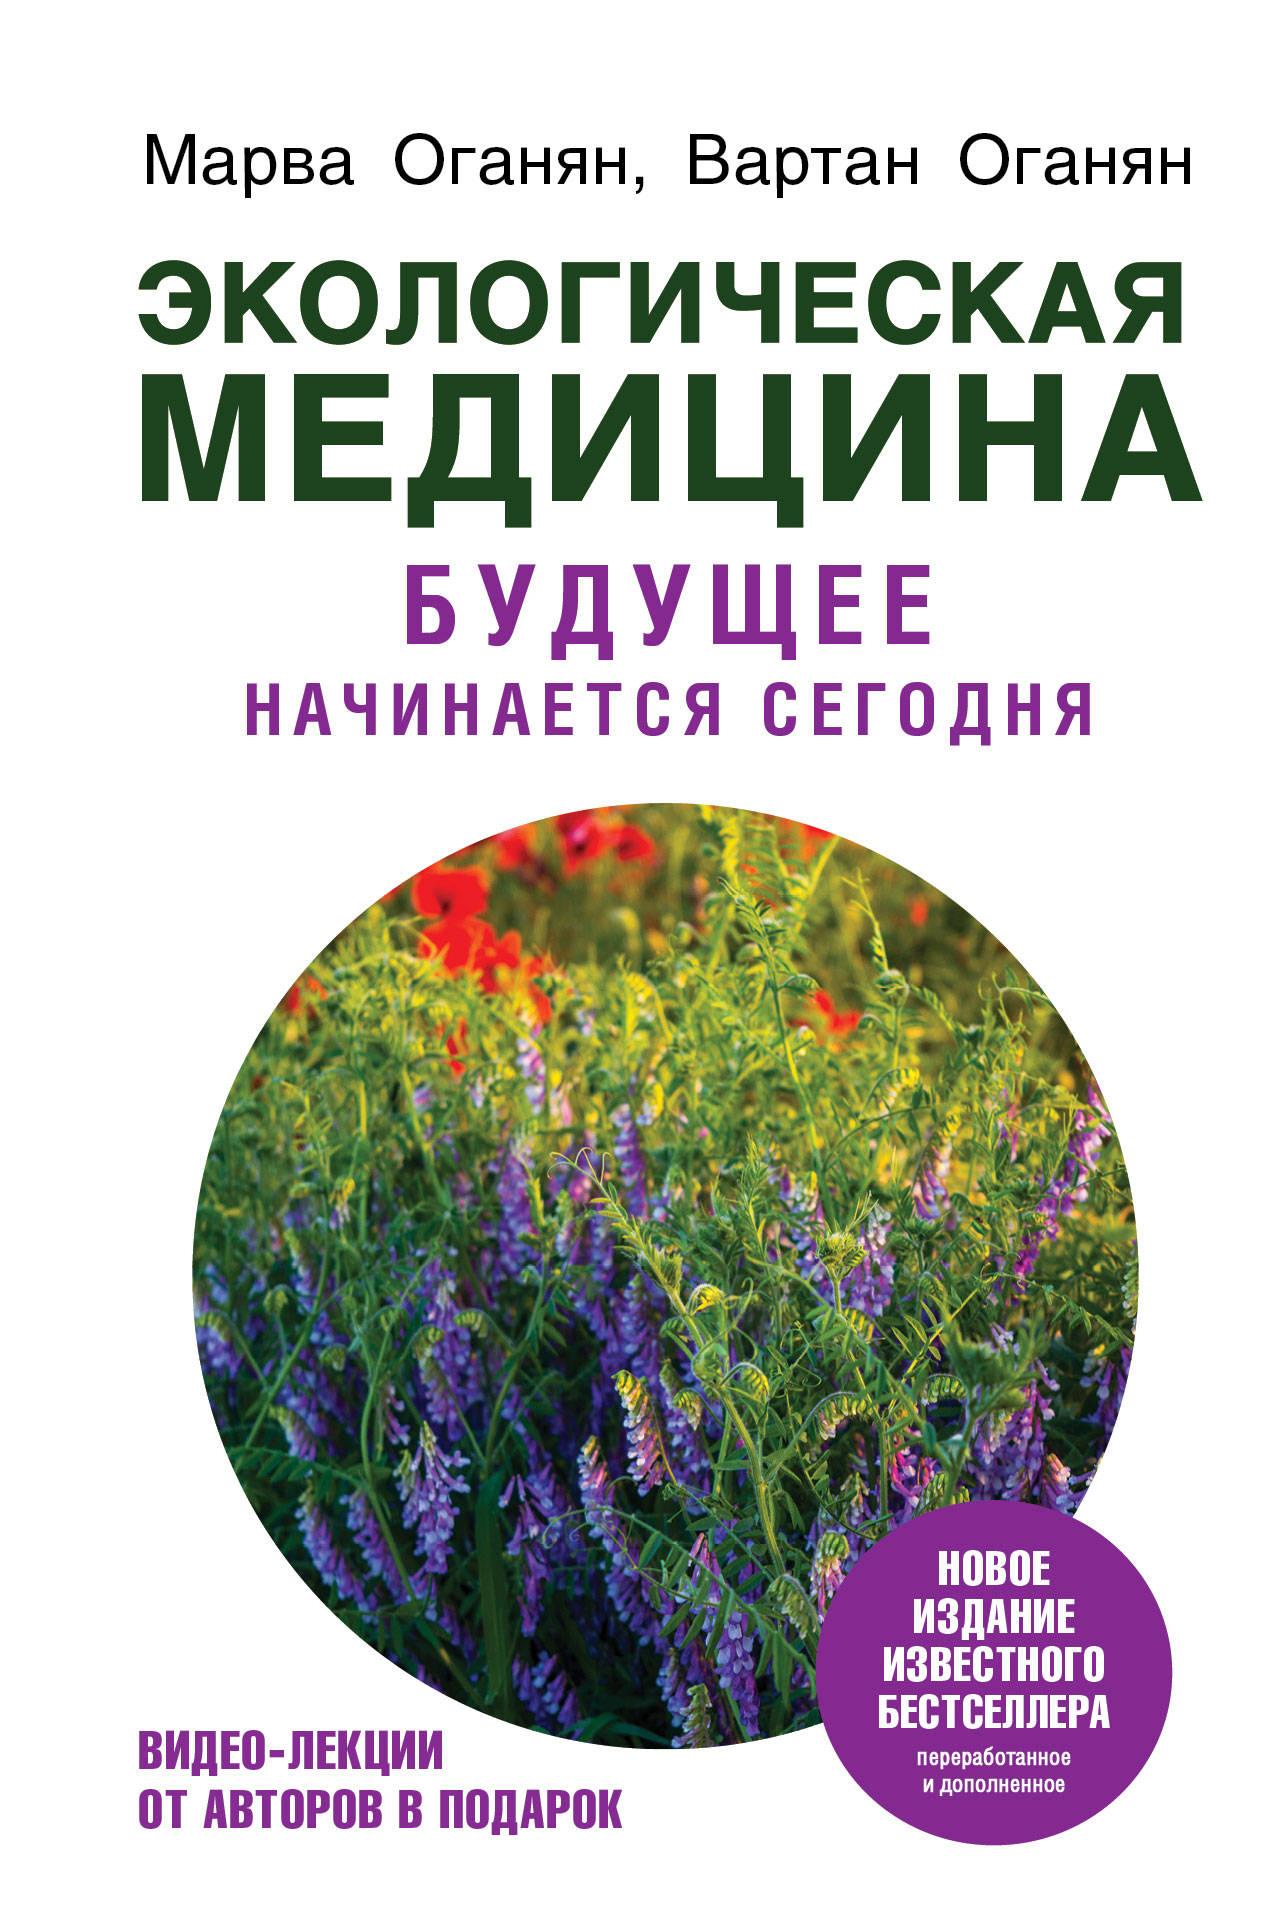 Ekologicheskaja meditsina. Buduschee nachinaetsja segodnja